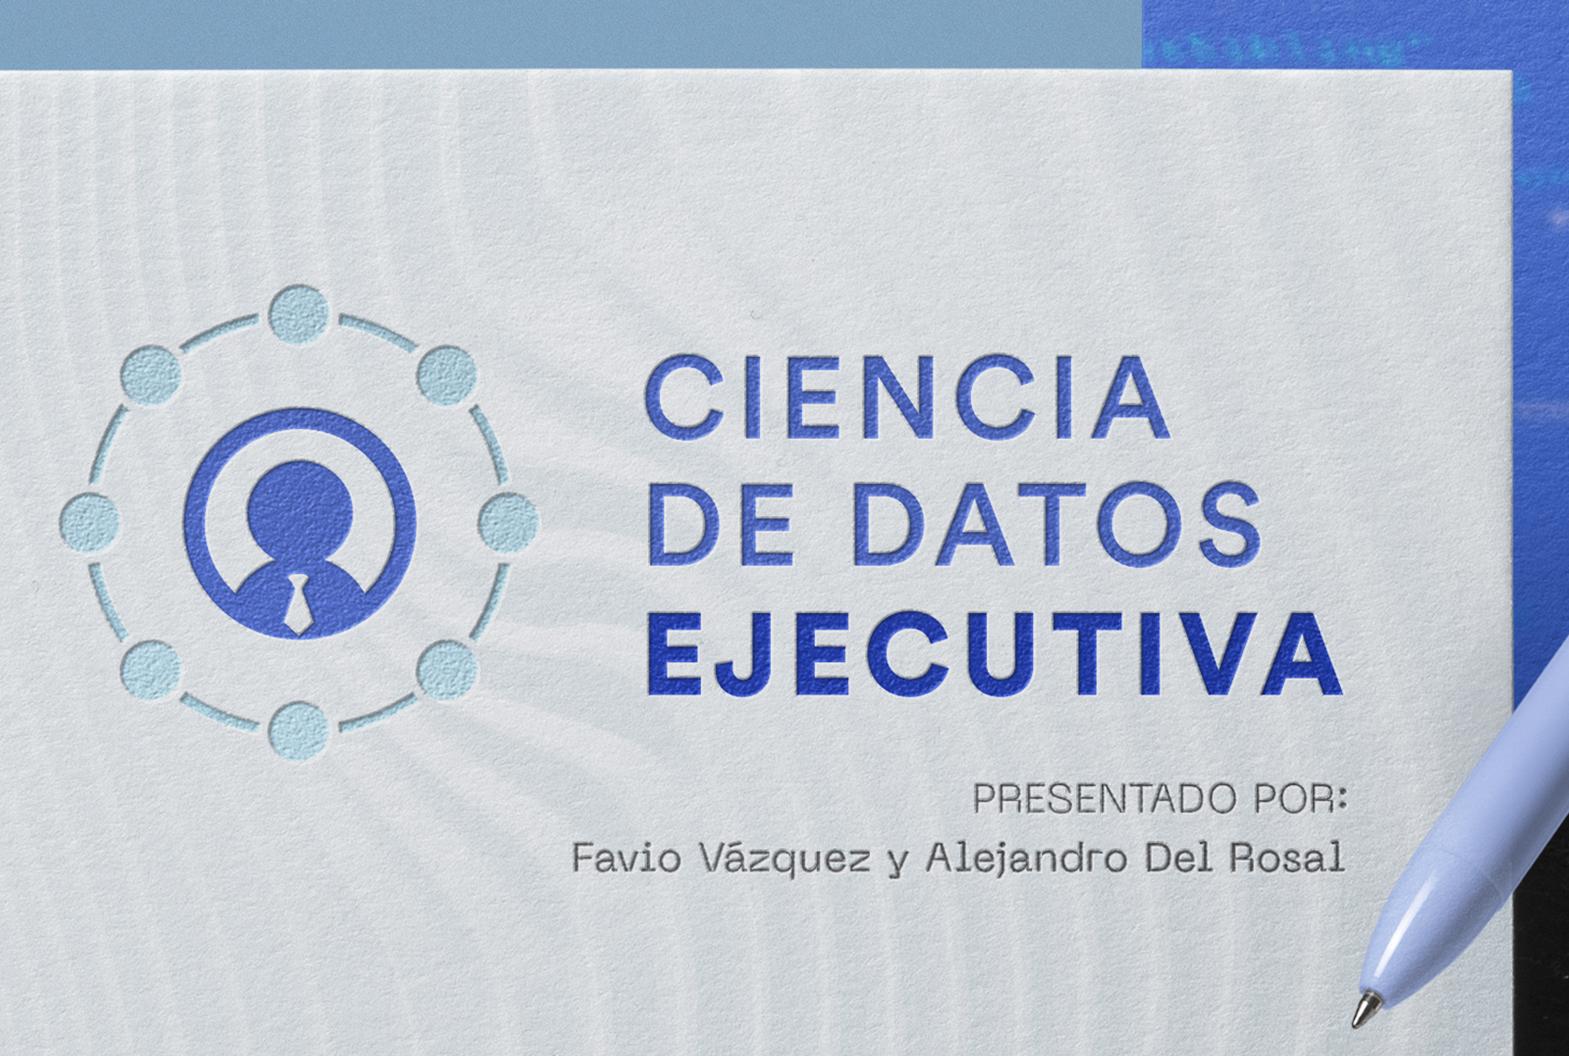 Ciencia De Datos Ejecutiva